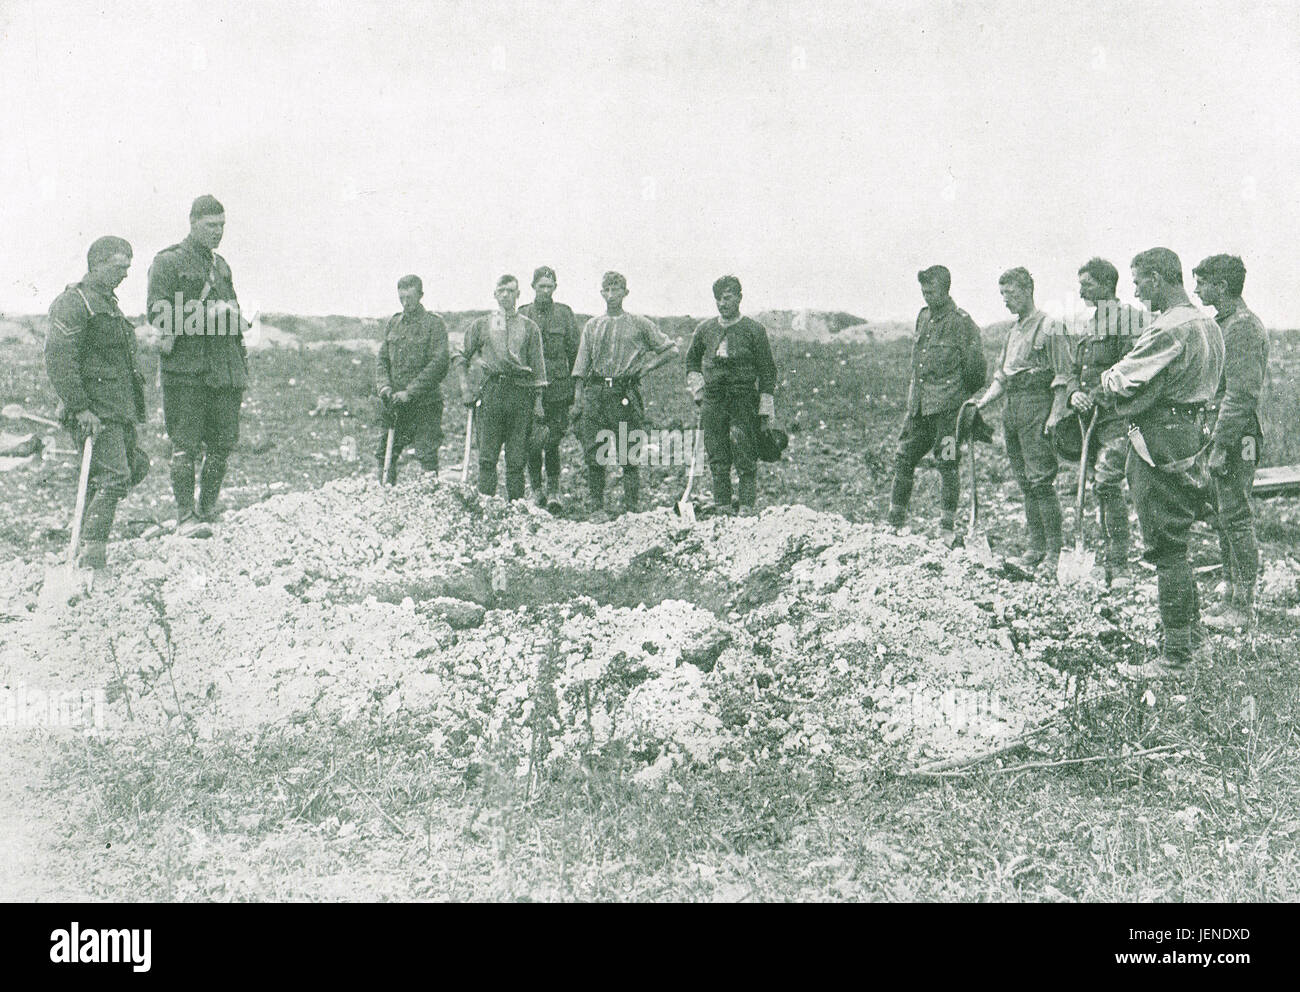 Enfouissement des camarades sur le front de l'Ouest en 1916 Photo Stock